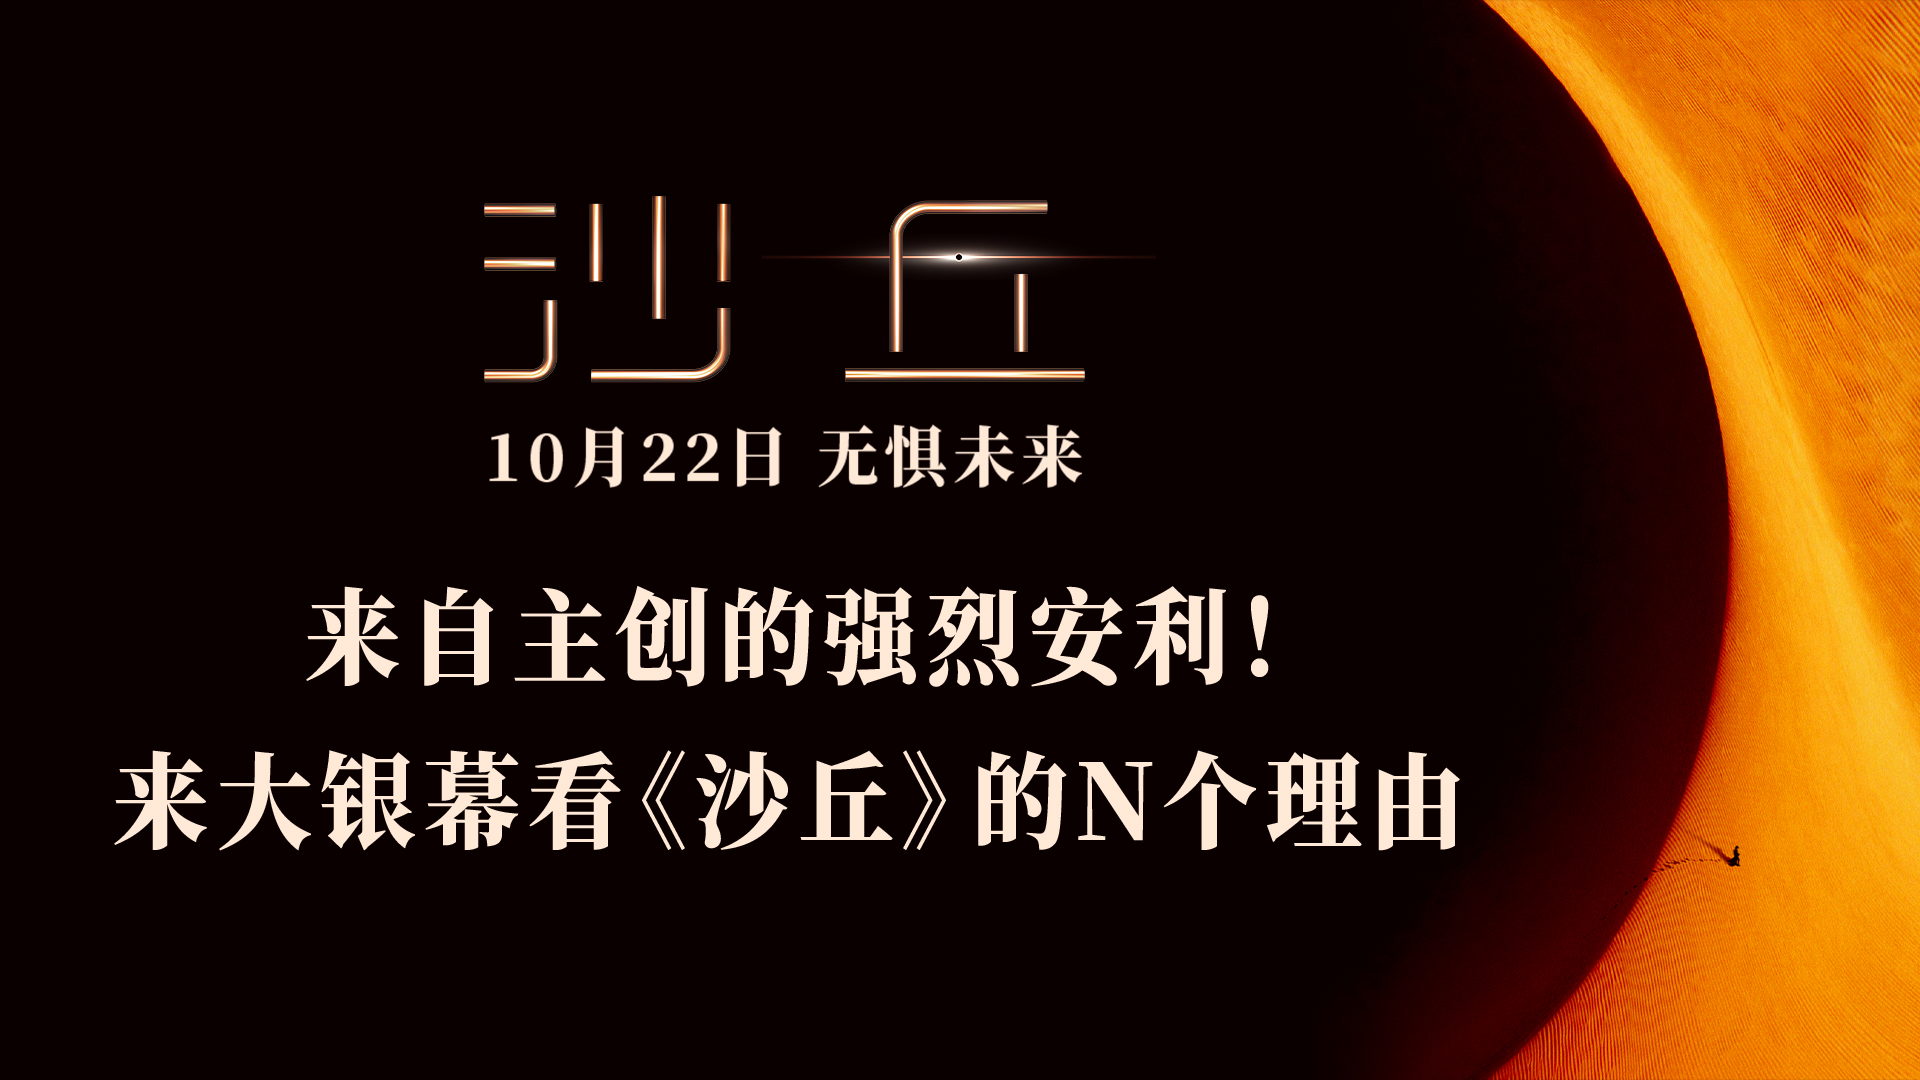 《沙丘》曝终极海报 甜茶等主创邀你10月22日大银幕体验